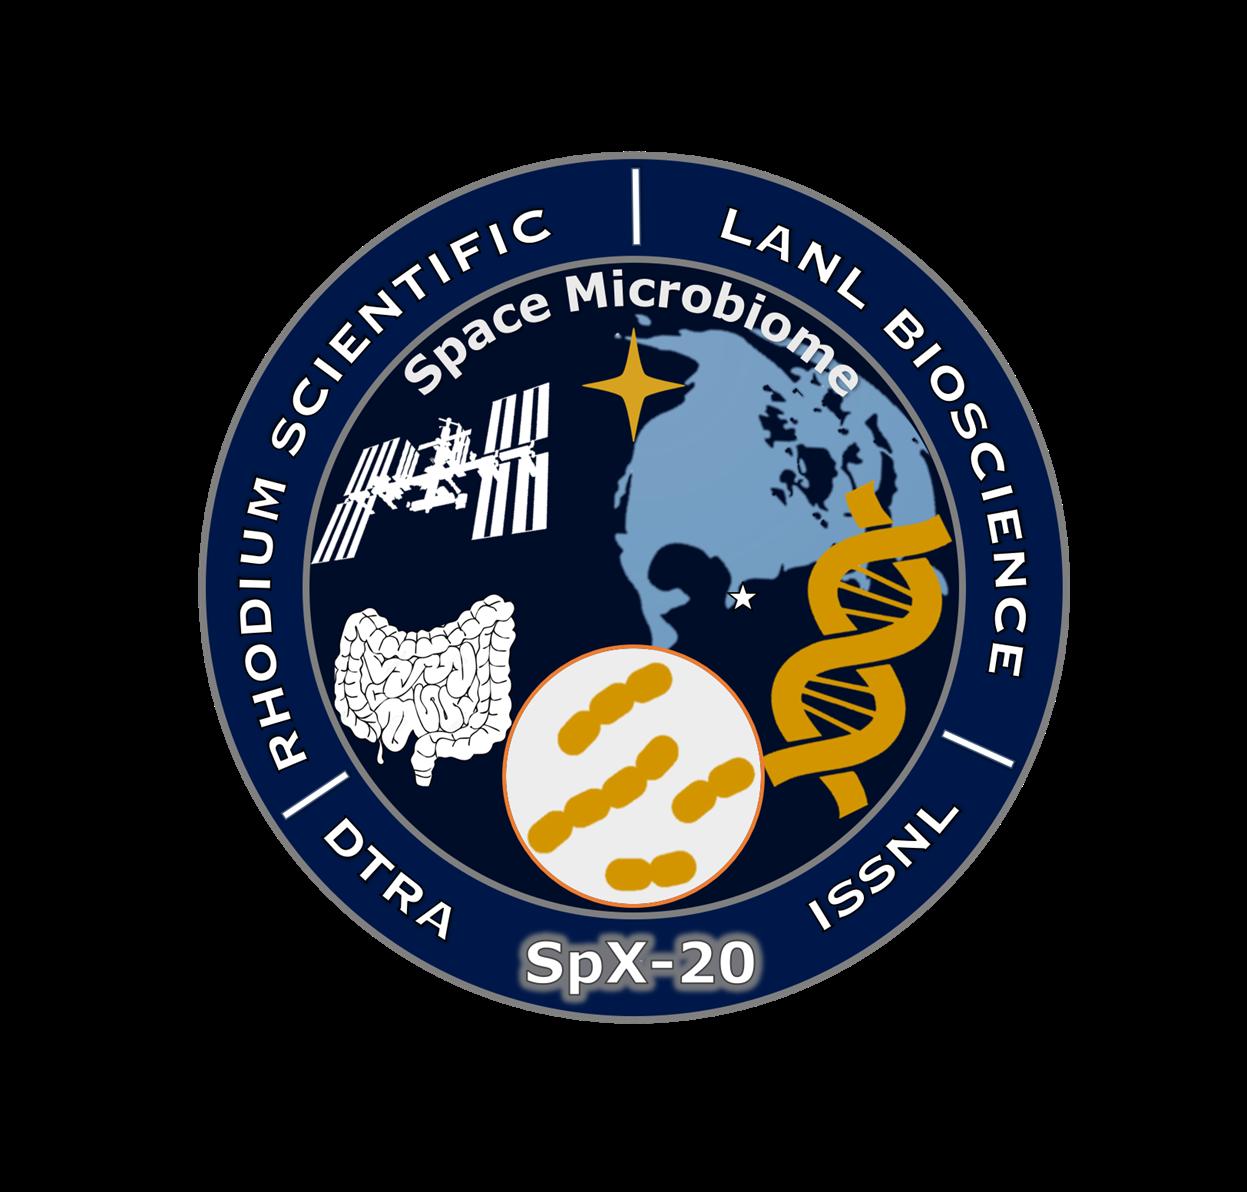 rhodium scientific spx 20 patch